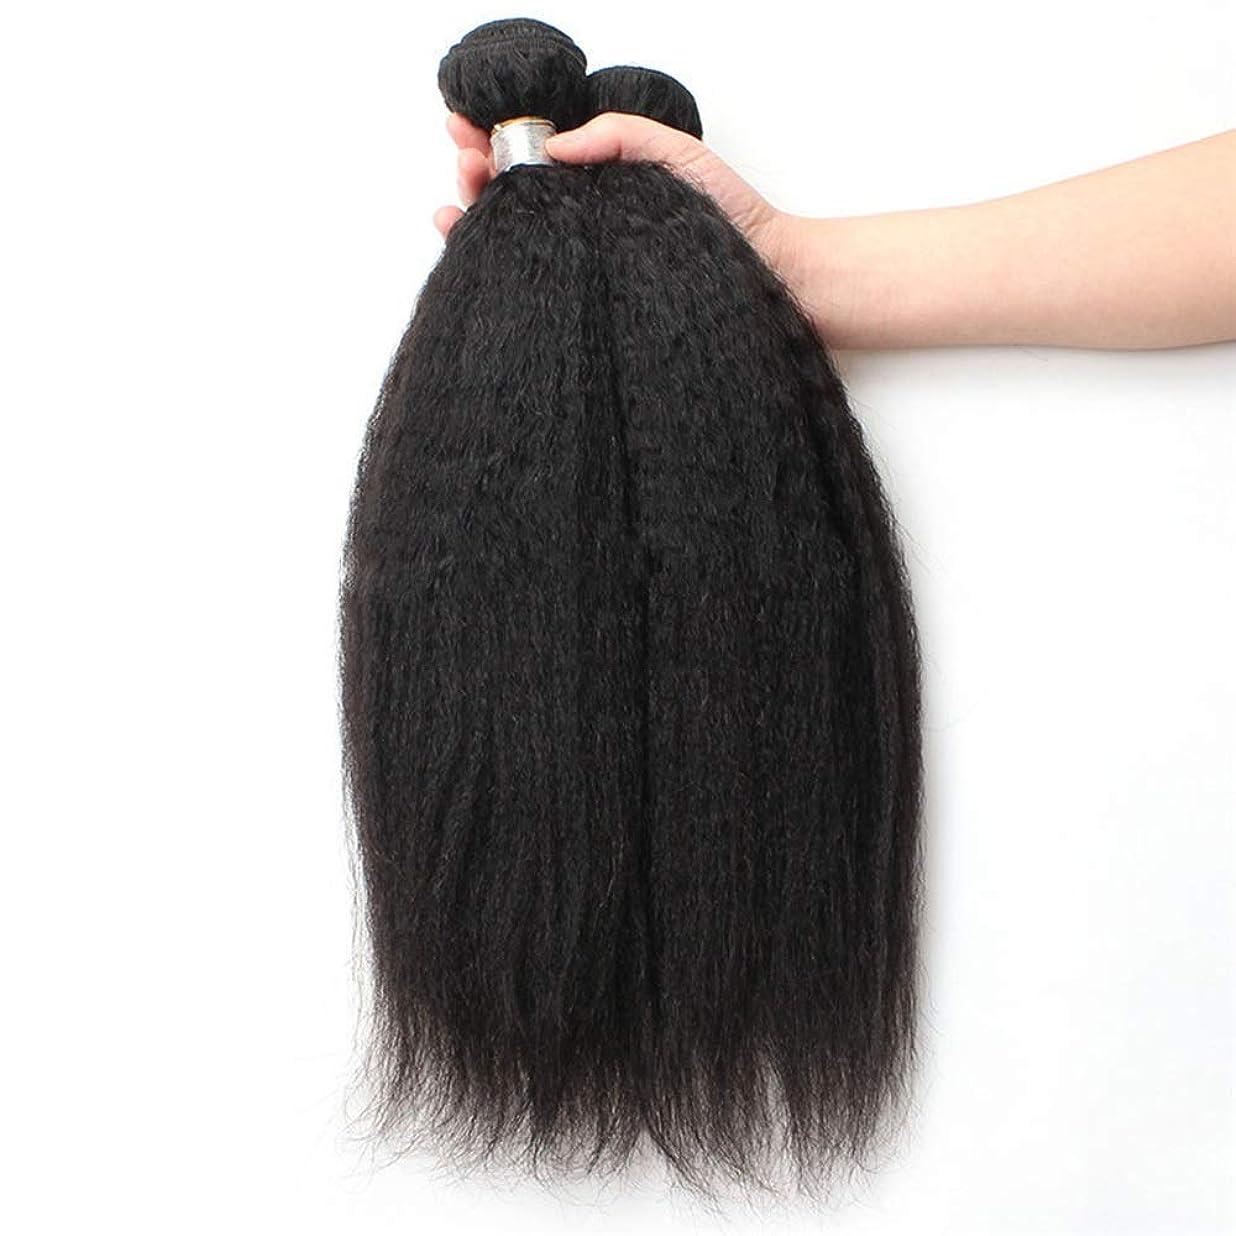 リムレンダーいわゆるWASAIO 閉鎖ボディ未処理の拡張機能生物黒着色1つのバンドルにブラジルのキンキーストレート人間の髪織り (色 : 黒, サイズ : 24 inch)